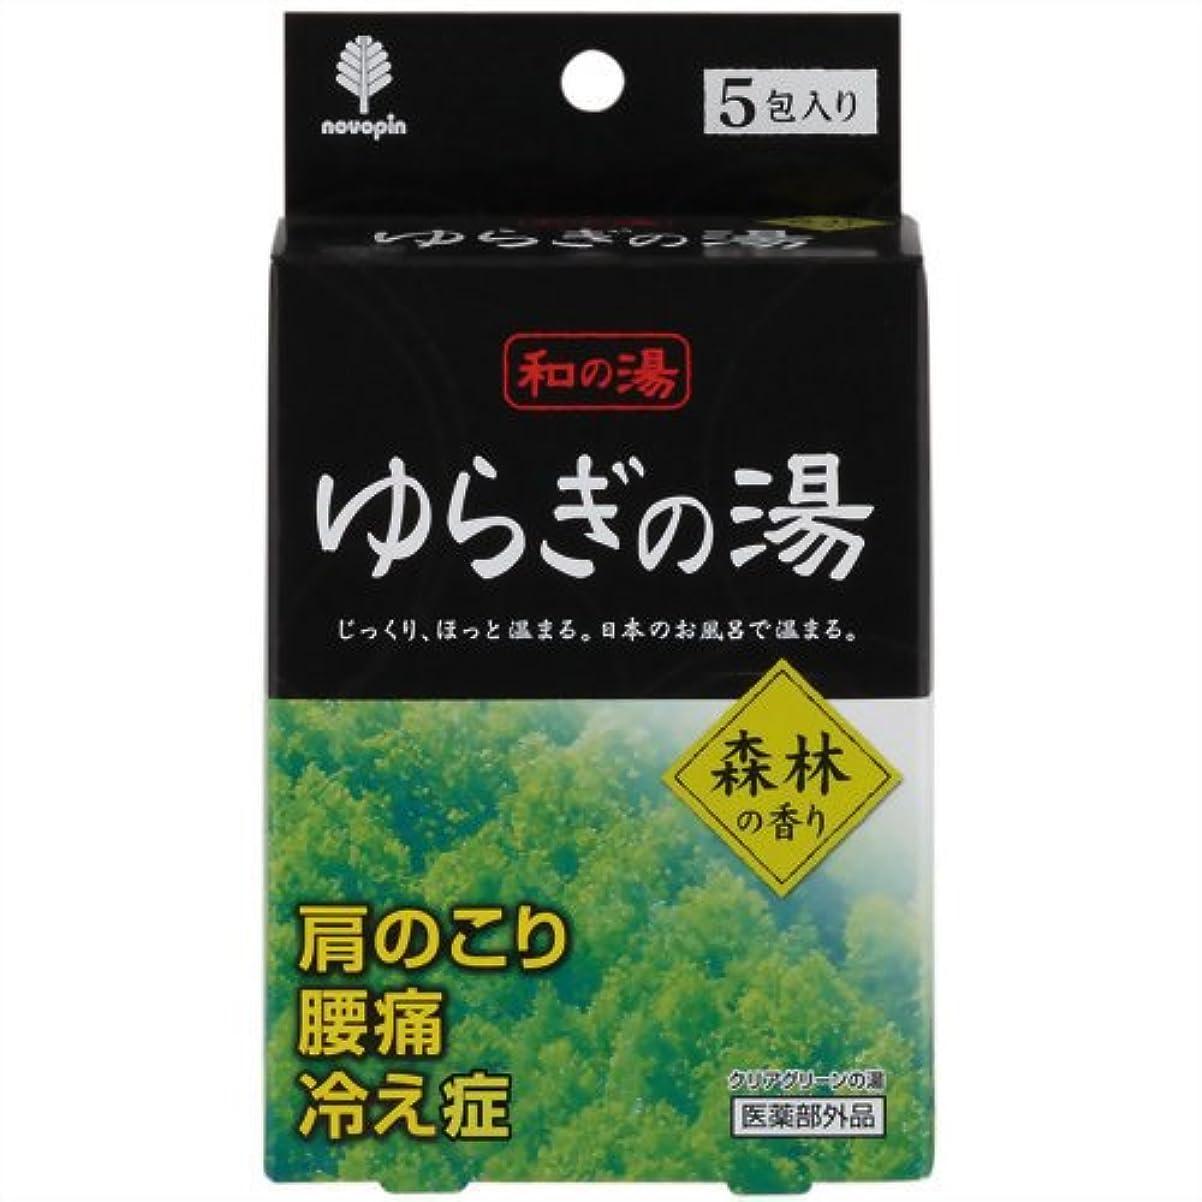 モニター森林投票ゆらぎの湯 森林の香り 25g×5包入